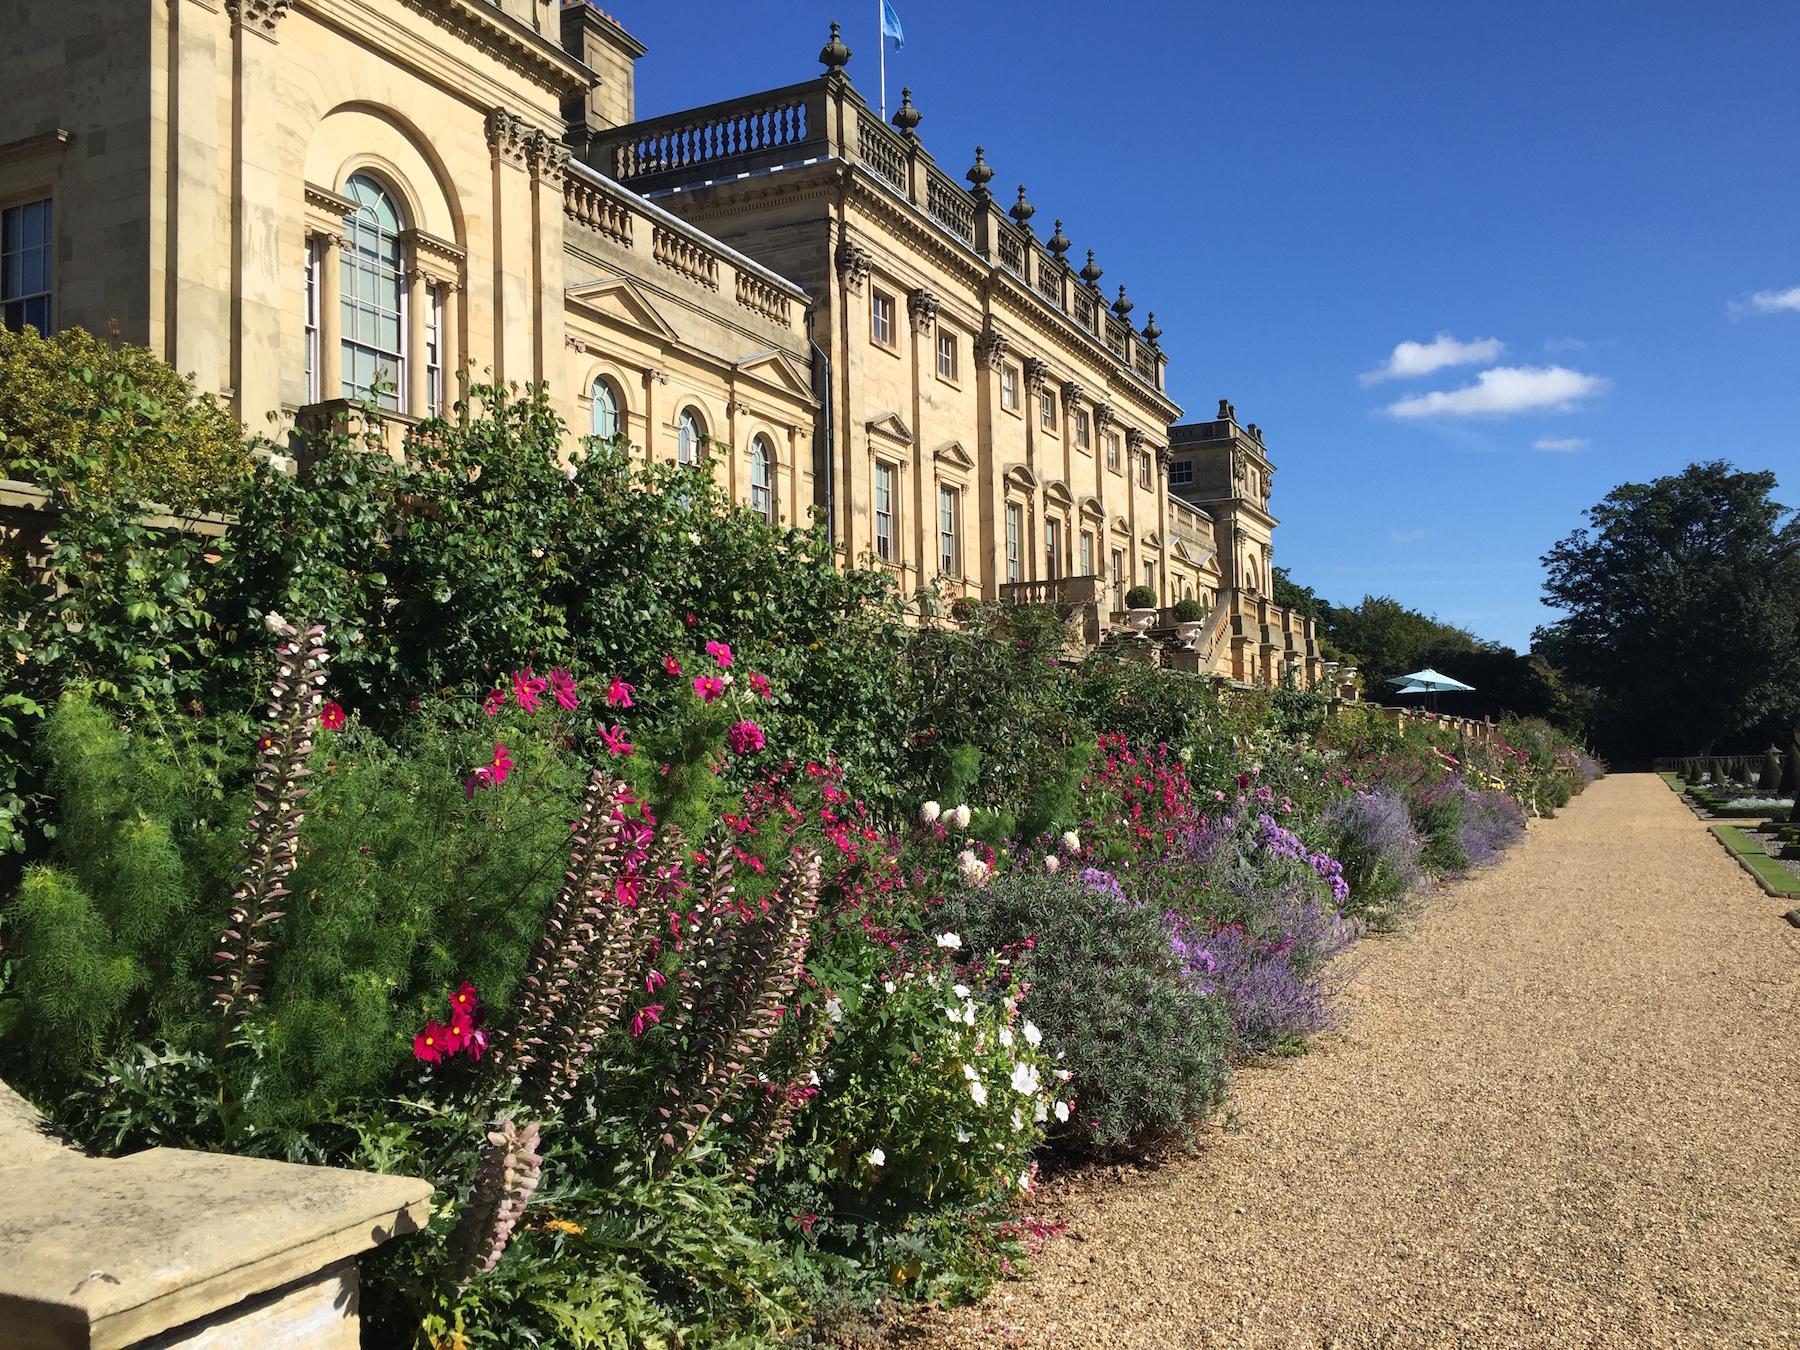 Garden personalities garden designers and gardeners of note for Harewood house garden design